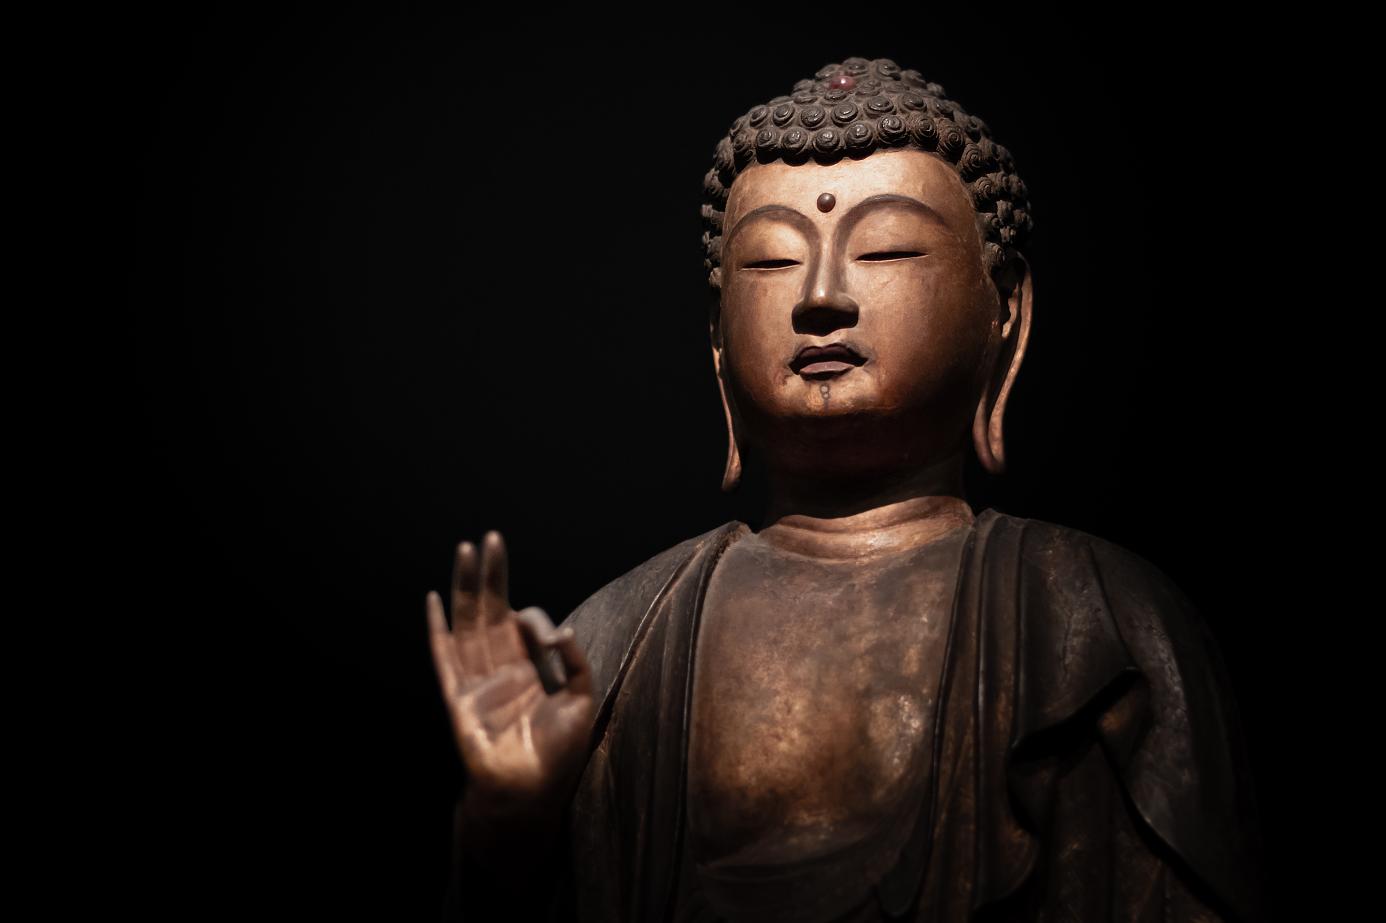 Statue de bouddha sur fond noir, par Valentin Napoli